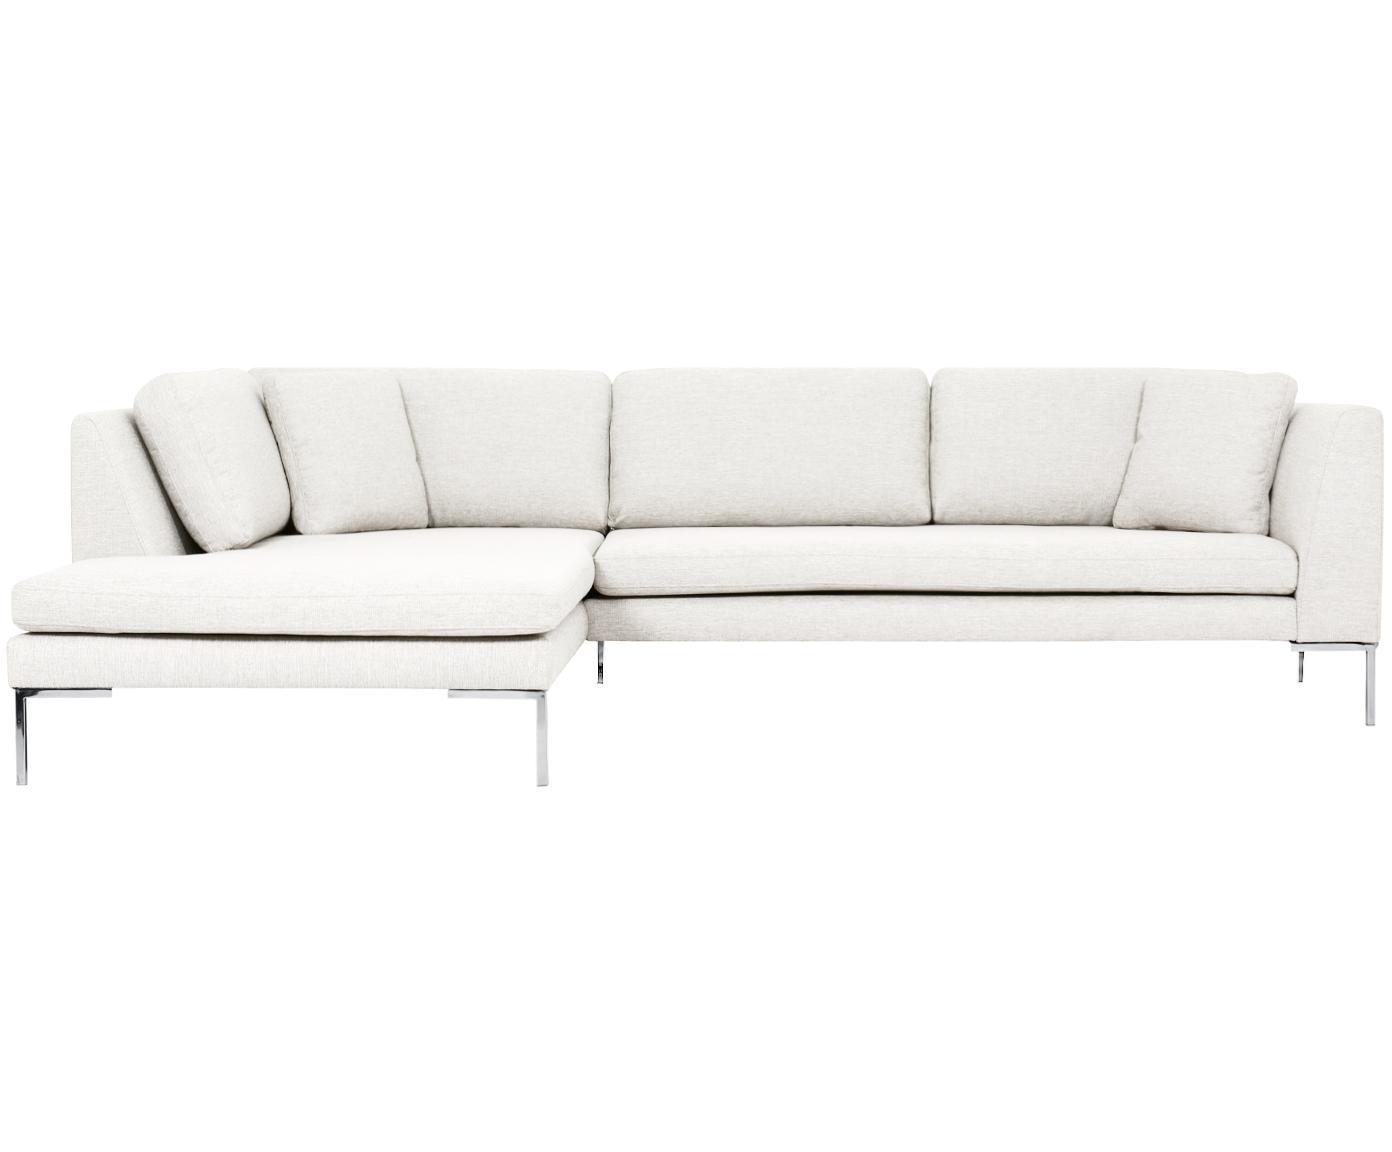 Hoekbank Emma, Bekleding: polyester, Frame: massief grenenhout, Poten: gegalvaniseerd metaal, Crèmekleurig, B 302 x D 220 cm